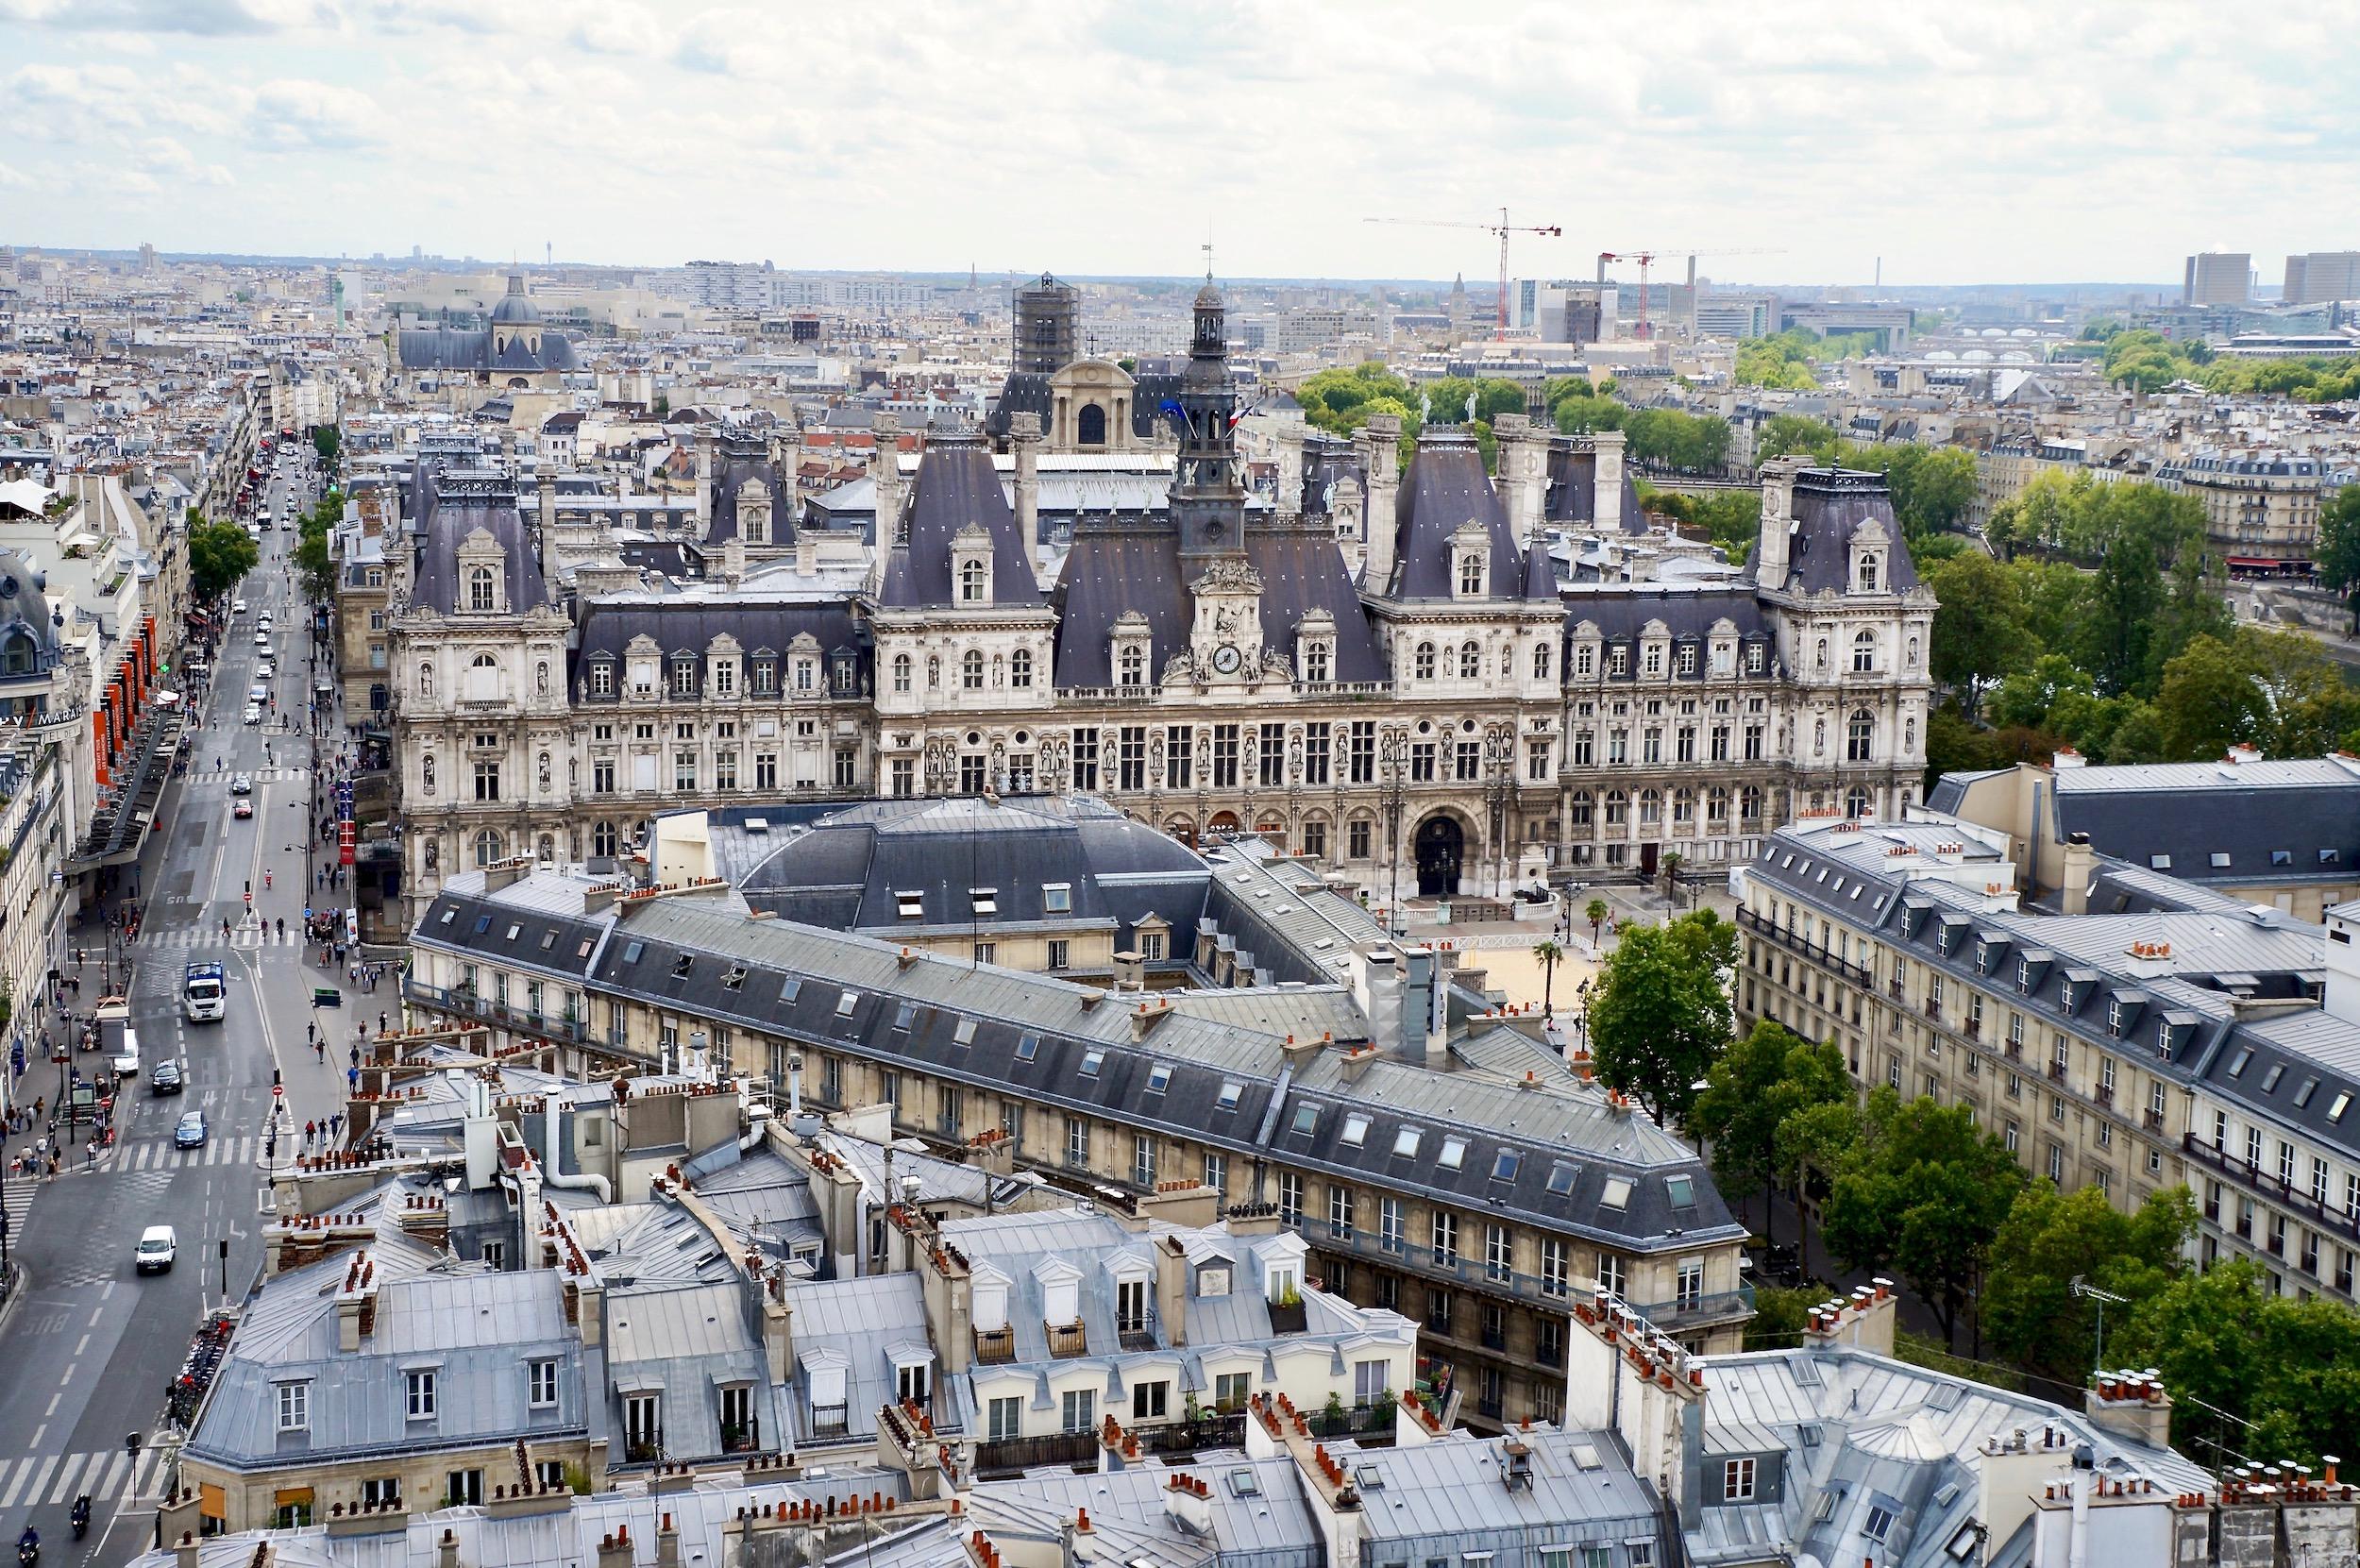 View of Hotel de Ville